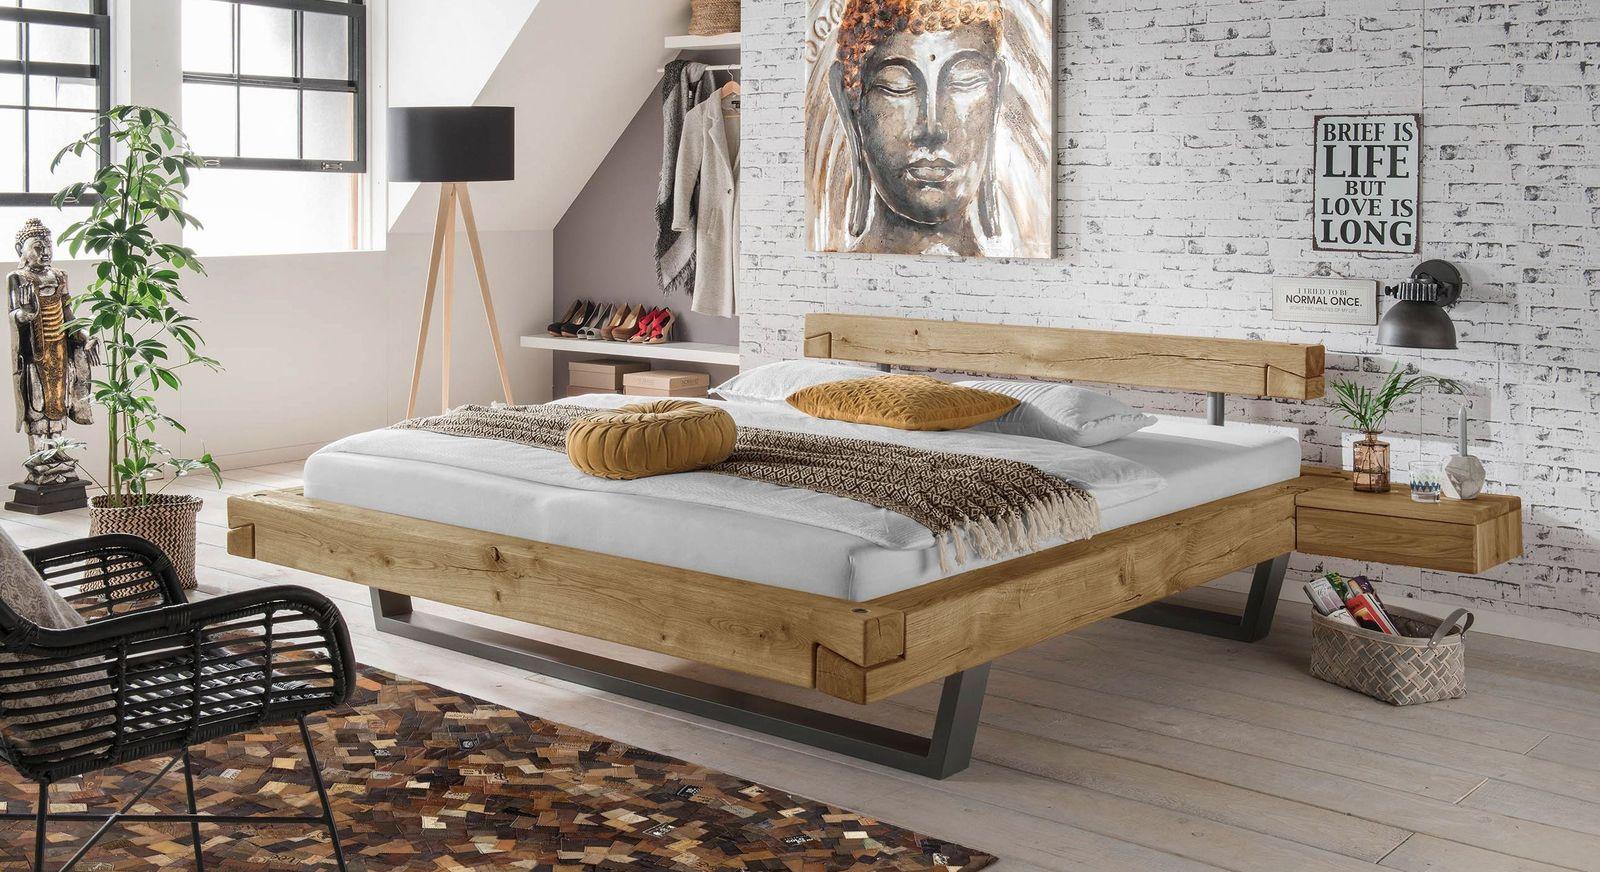 Bett Arsos mit passender Schlafzimmer-Einrichtung